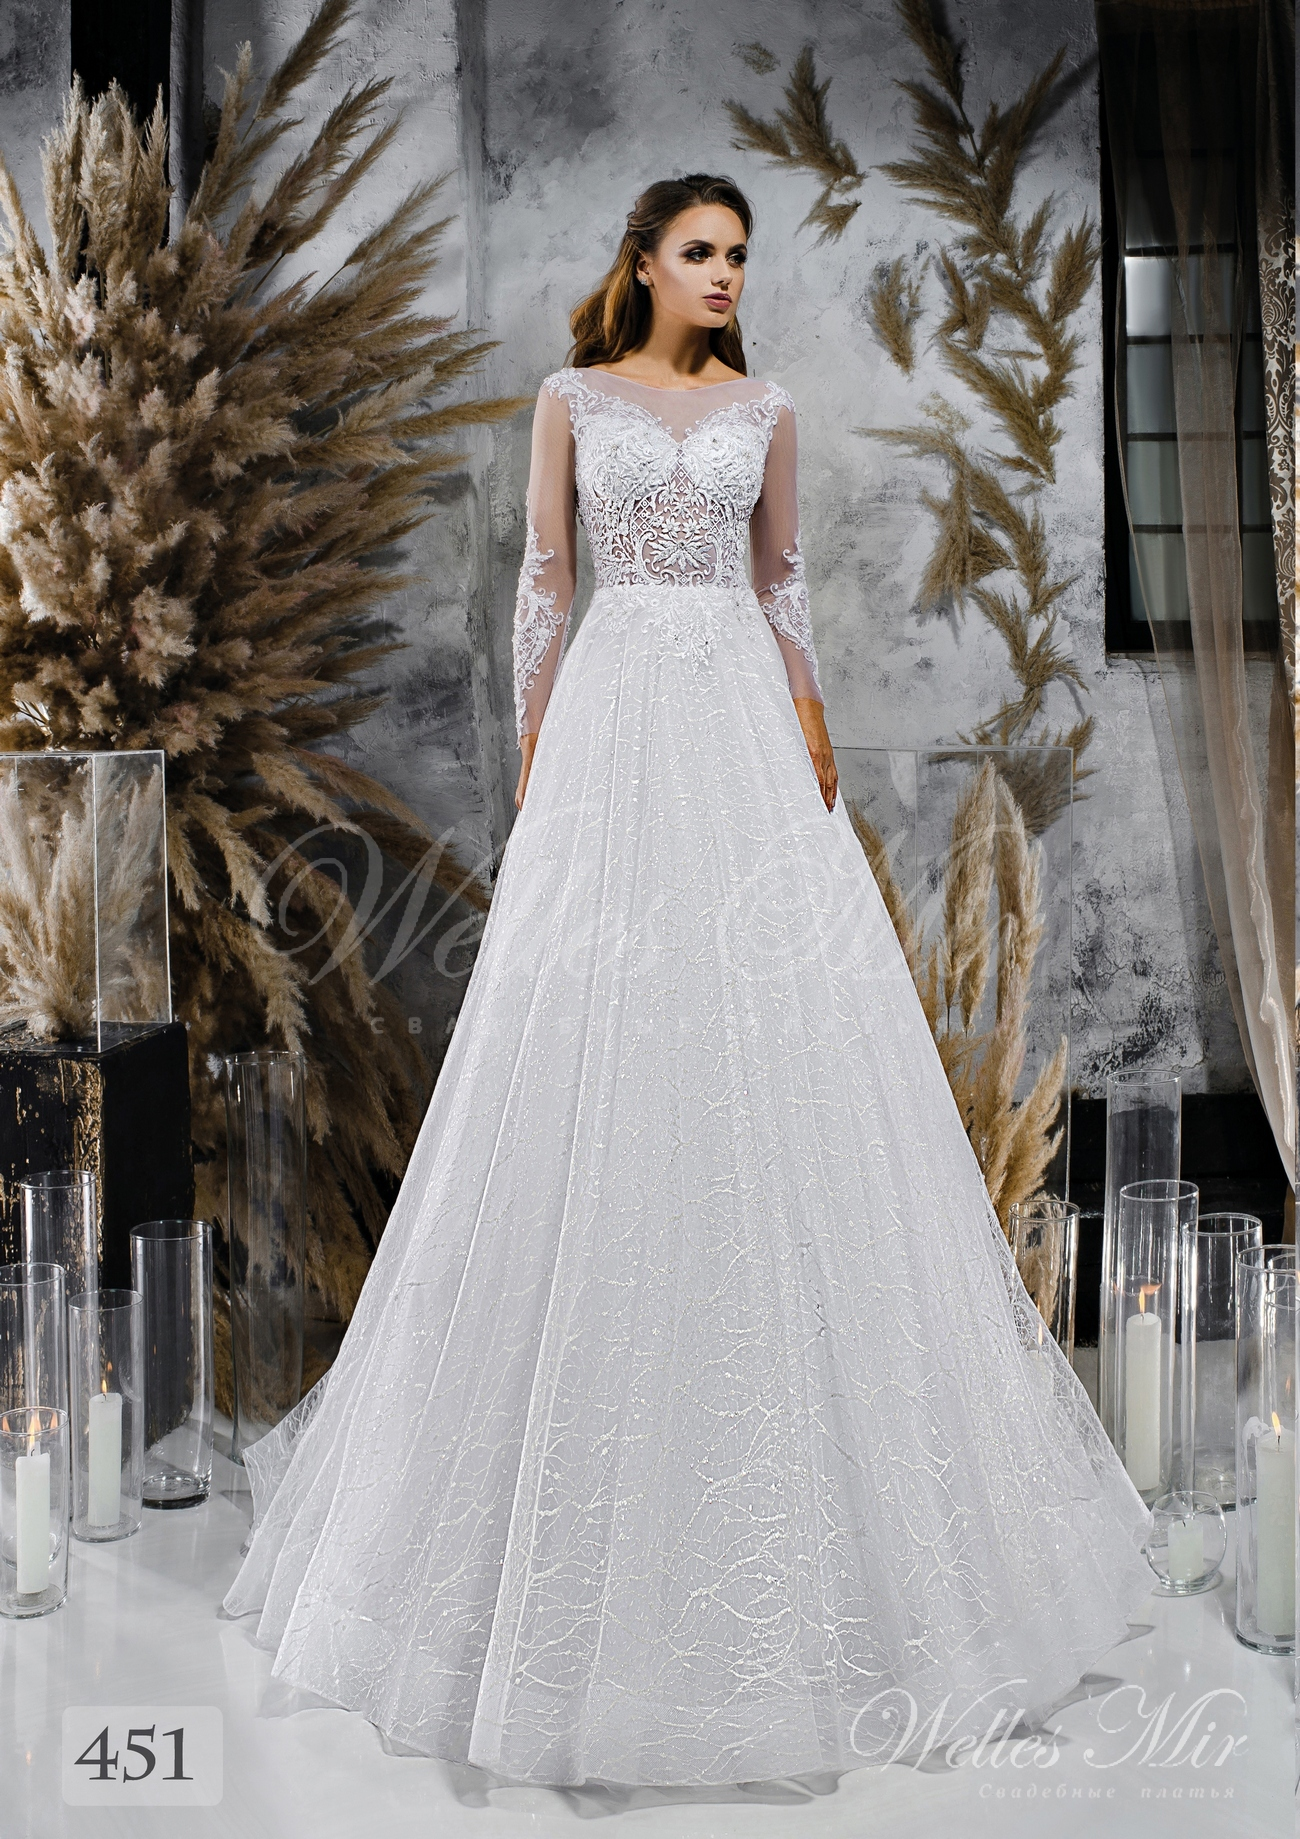 Весільні сукні з фактурною спідницею оптом від Wellesmir